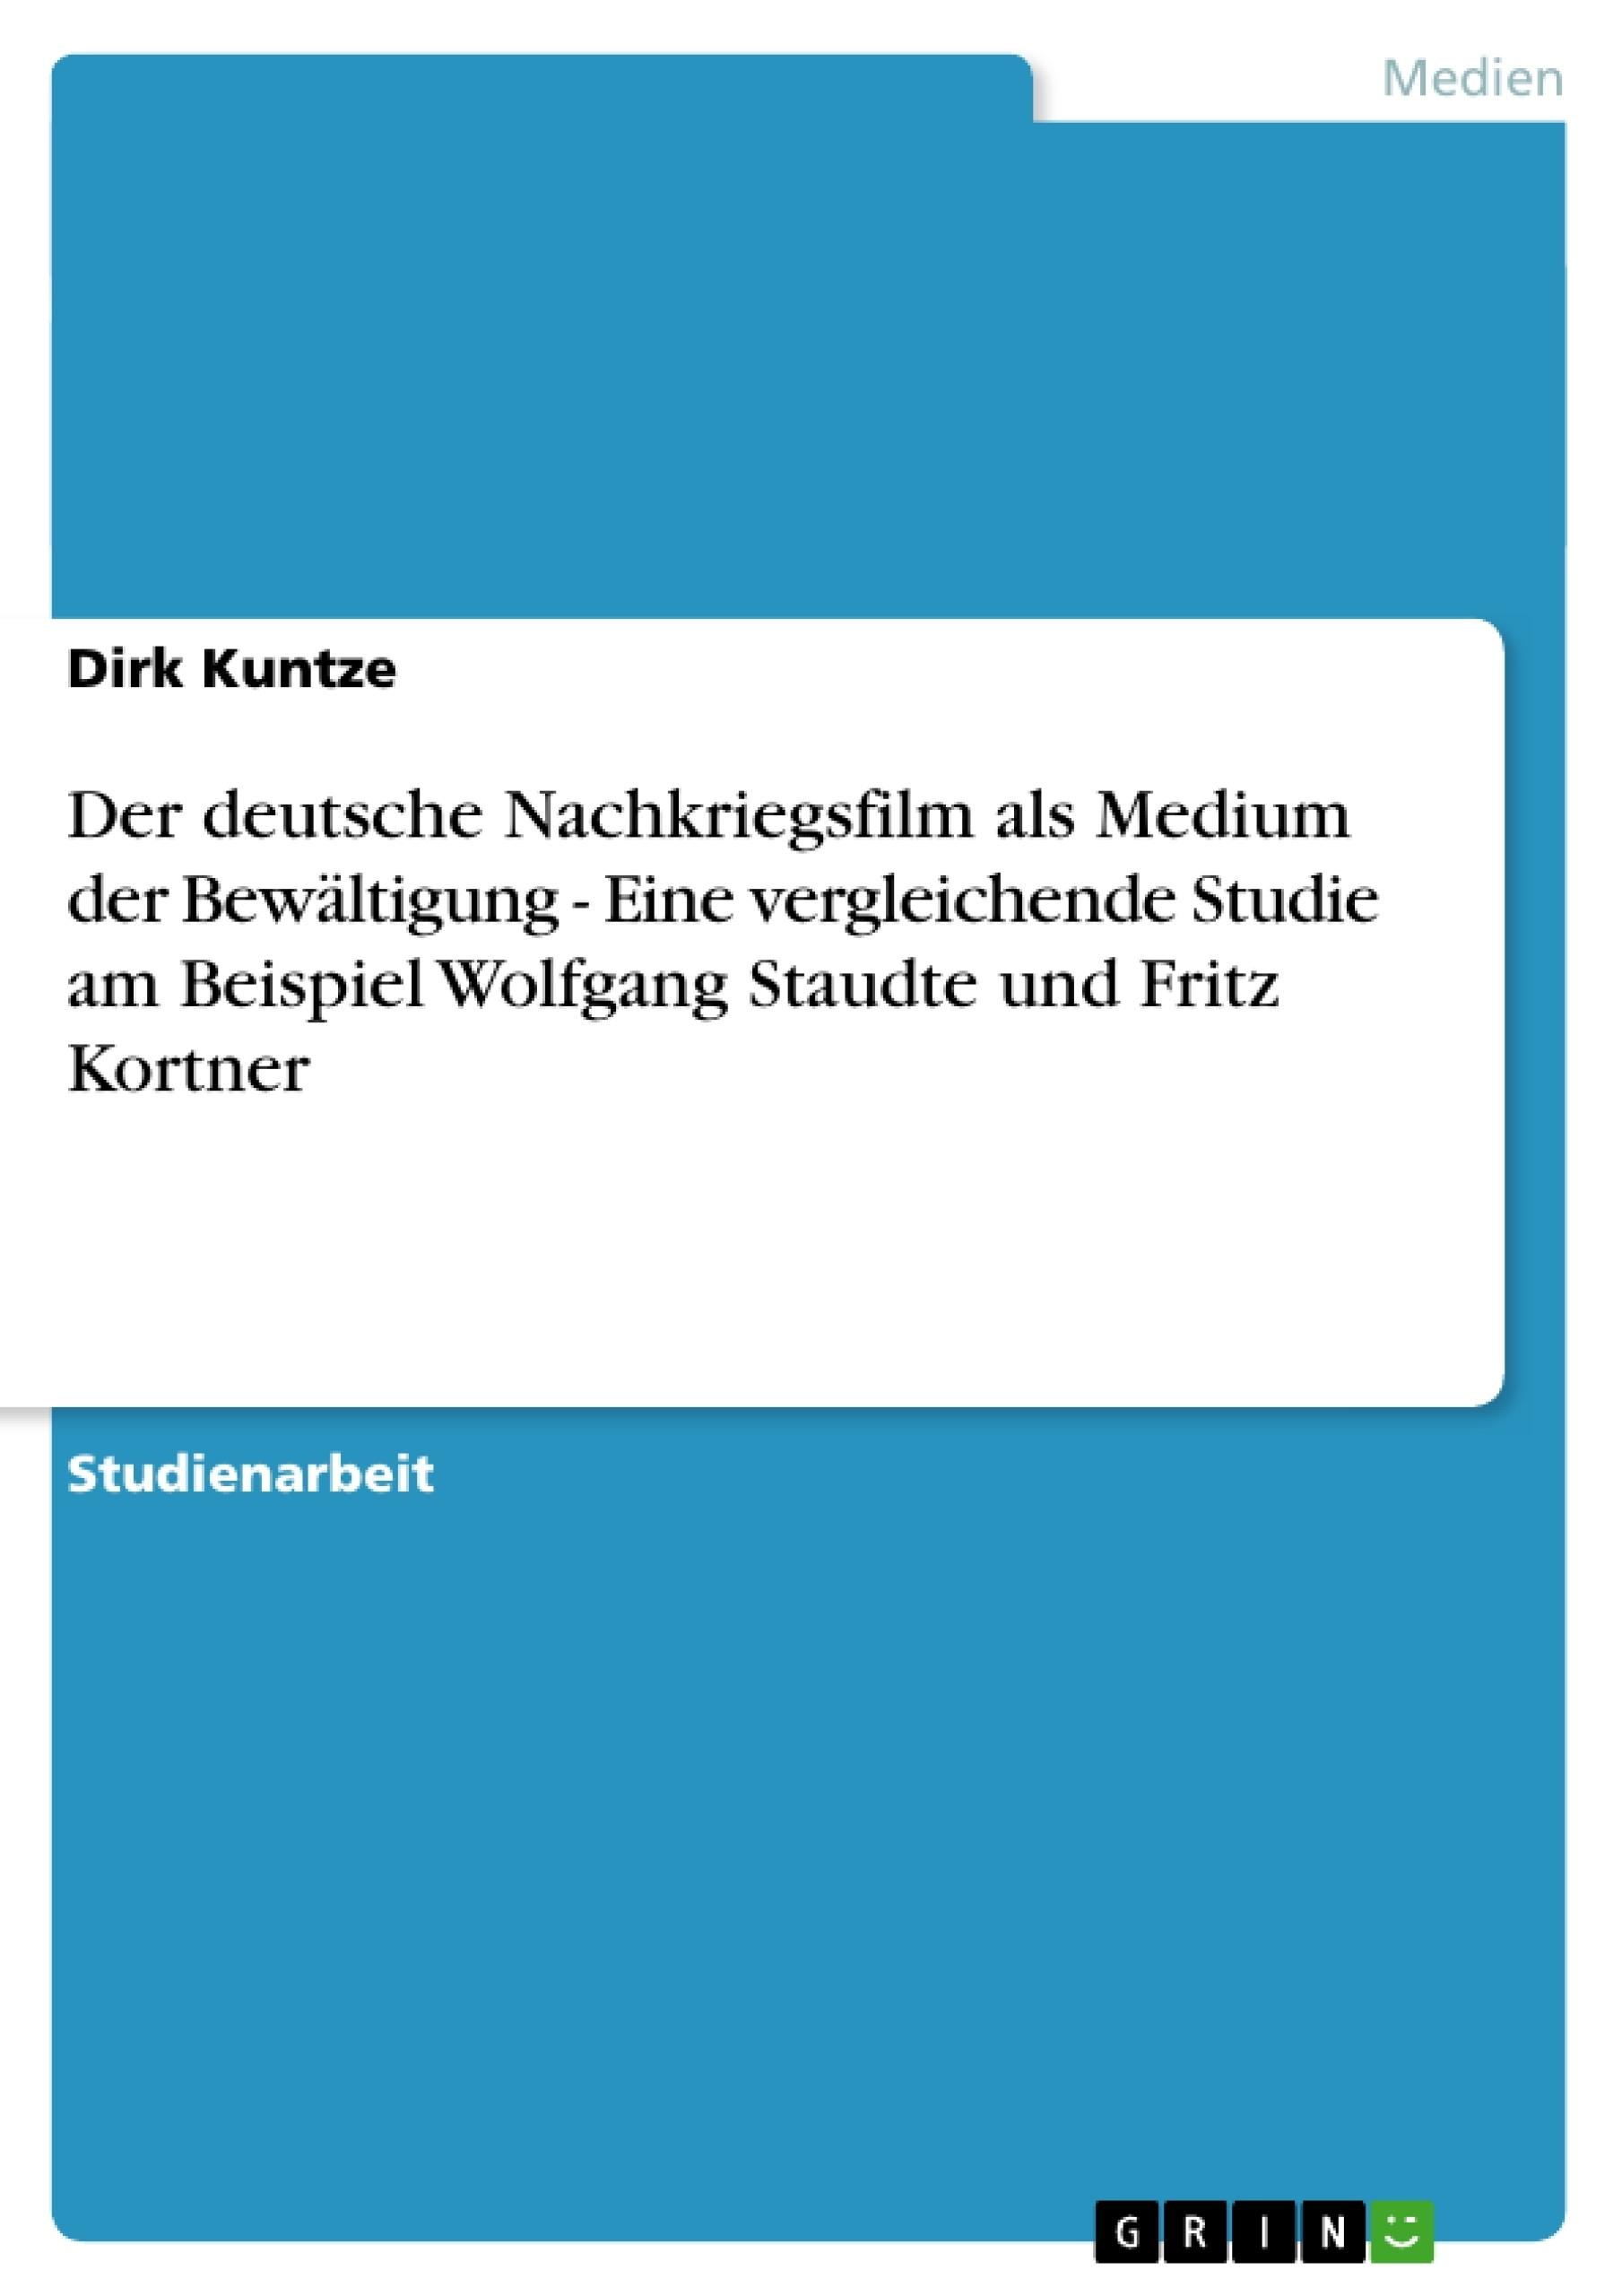 Titel: Der deutsche Nachkriegsfilm als Medium der Bewältigung -         Eine vergleichende Studie am Beispiel Wolfgang Staudte und Fritz Kortner